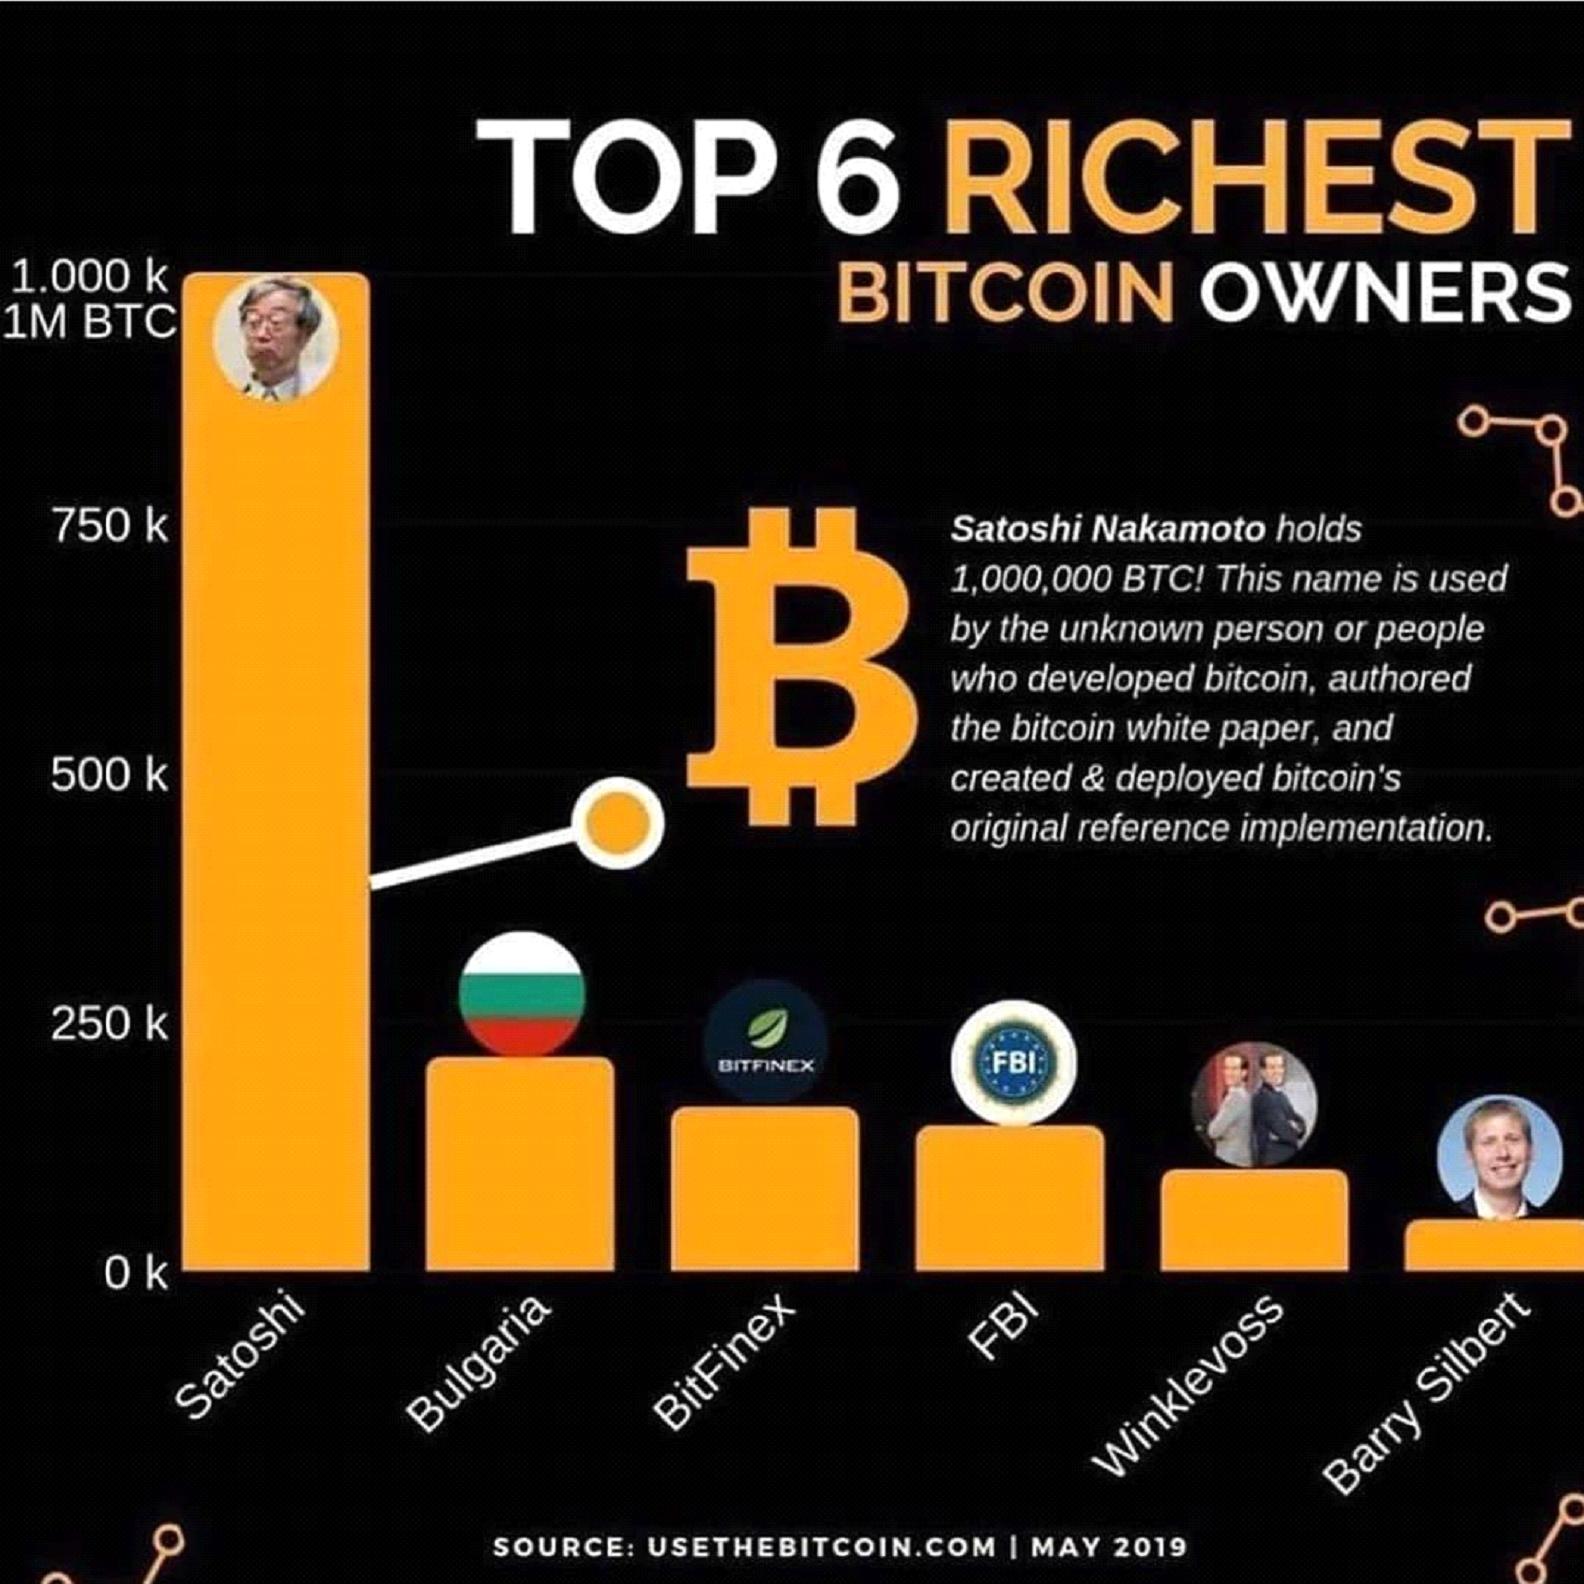 Idejni tvorac BITKOINA - Misteriozni Satoši Nakamoto kao najbogatiji BTC holder